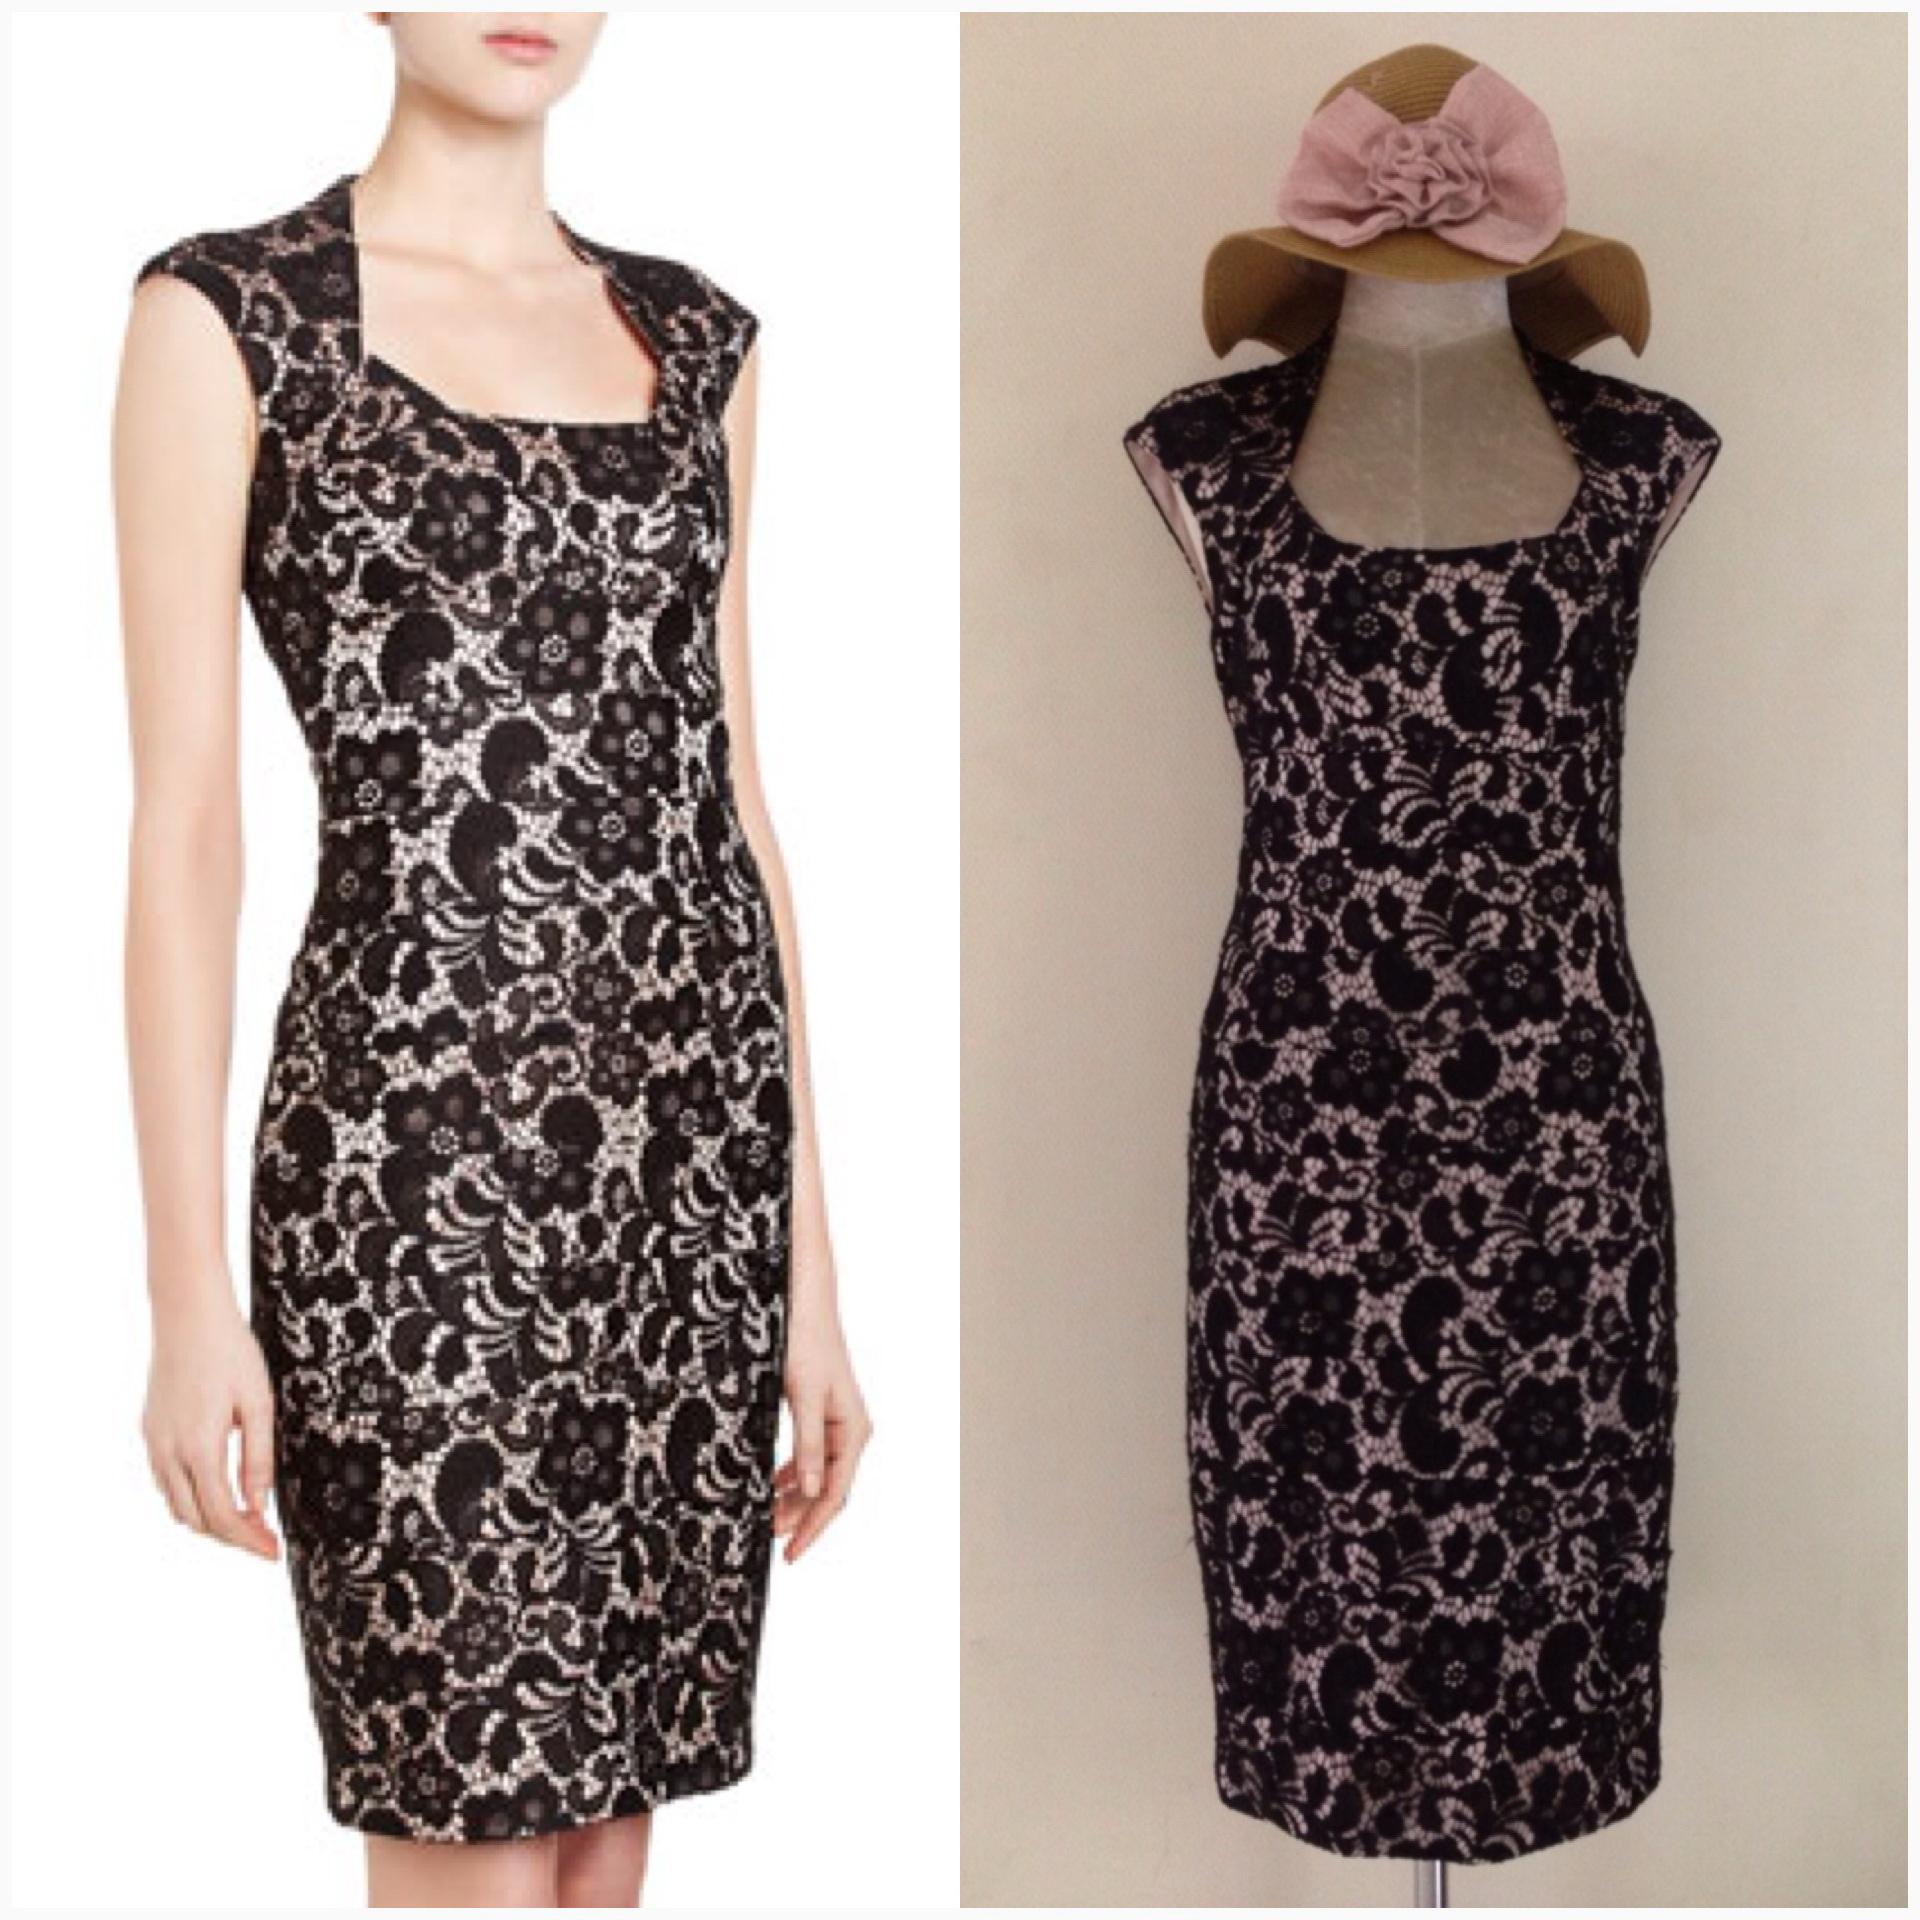 Jax Lace Dress Size Uk6